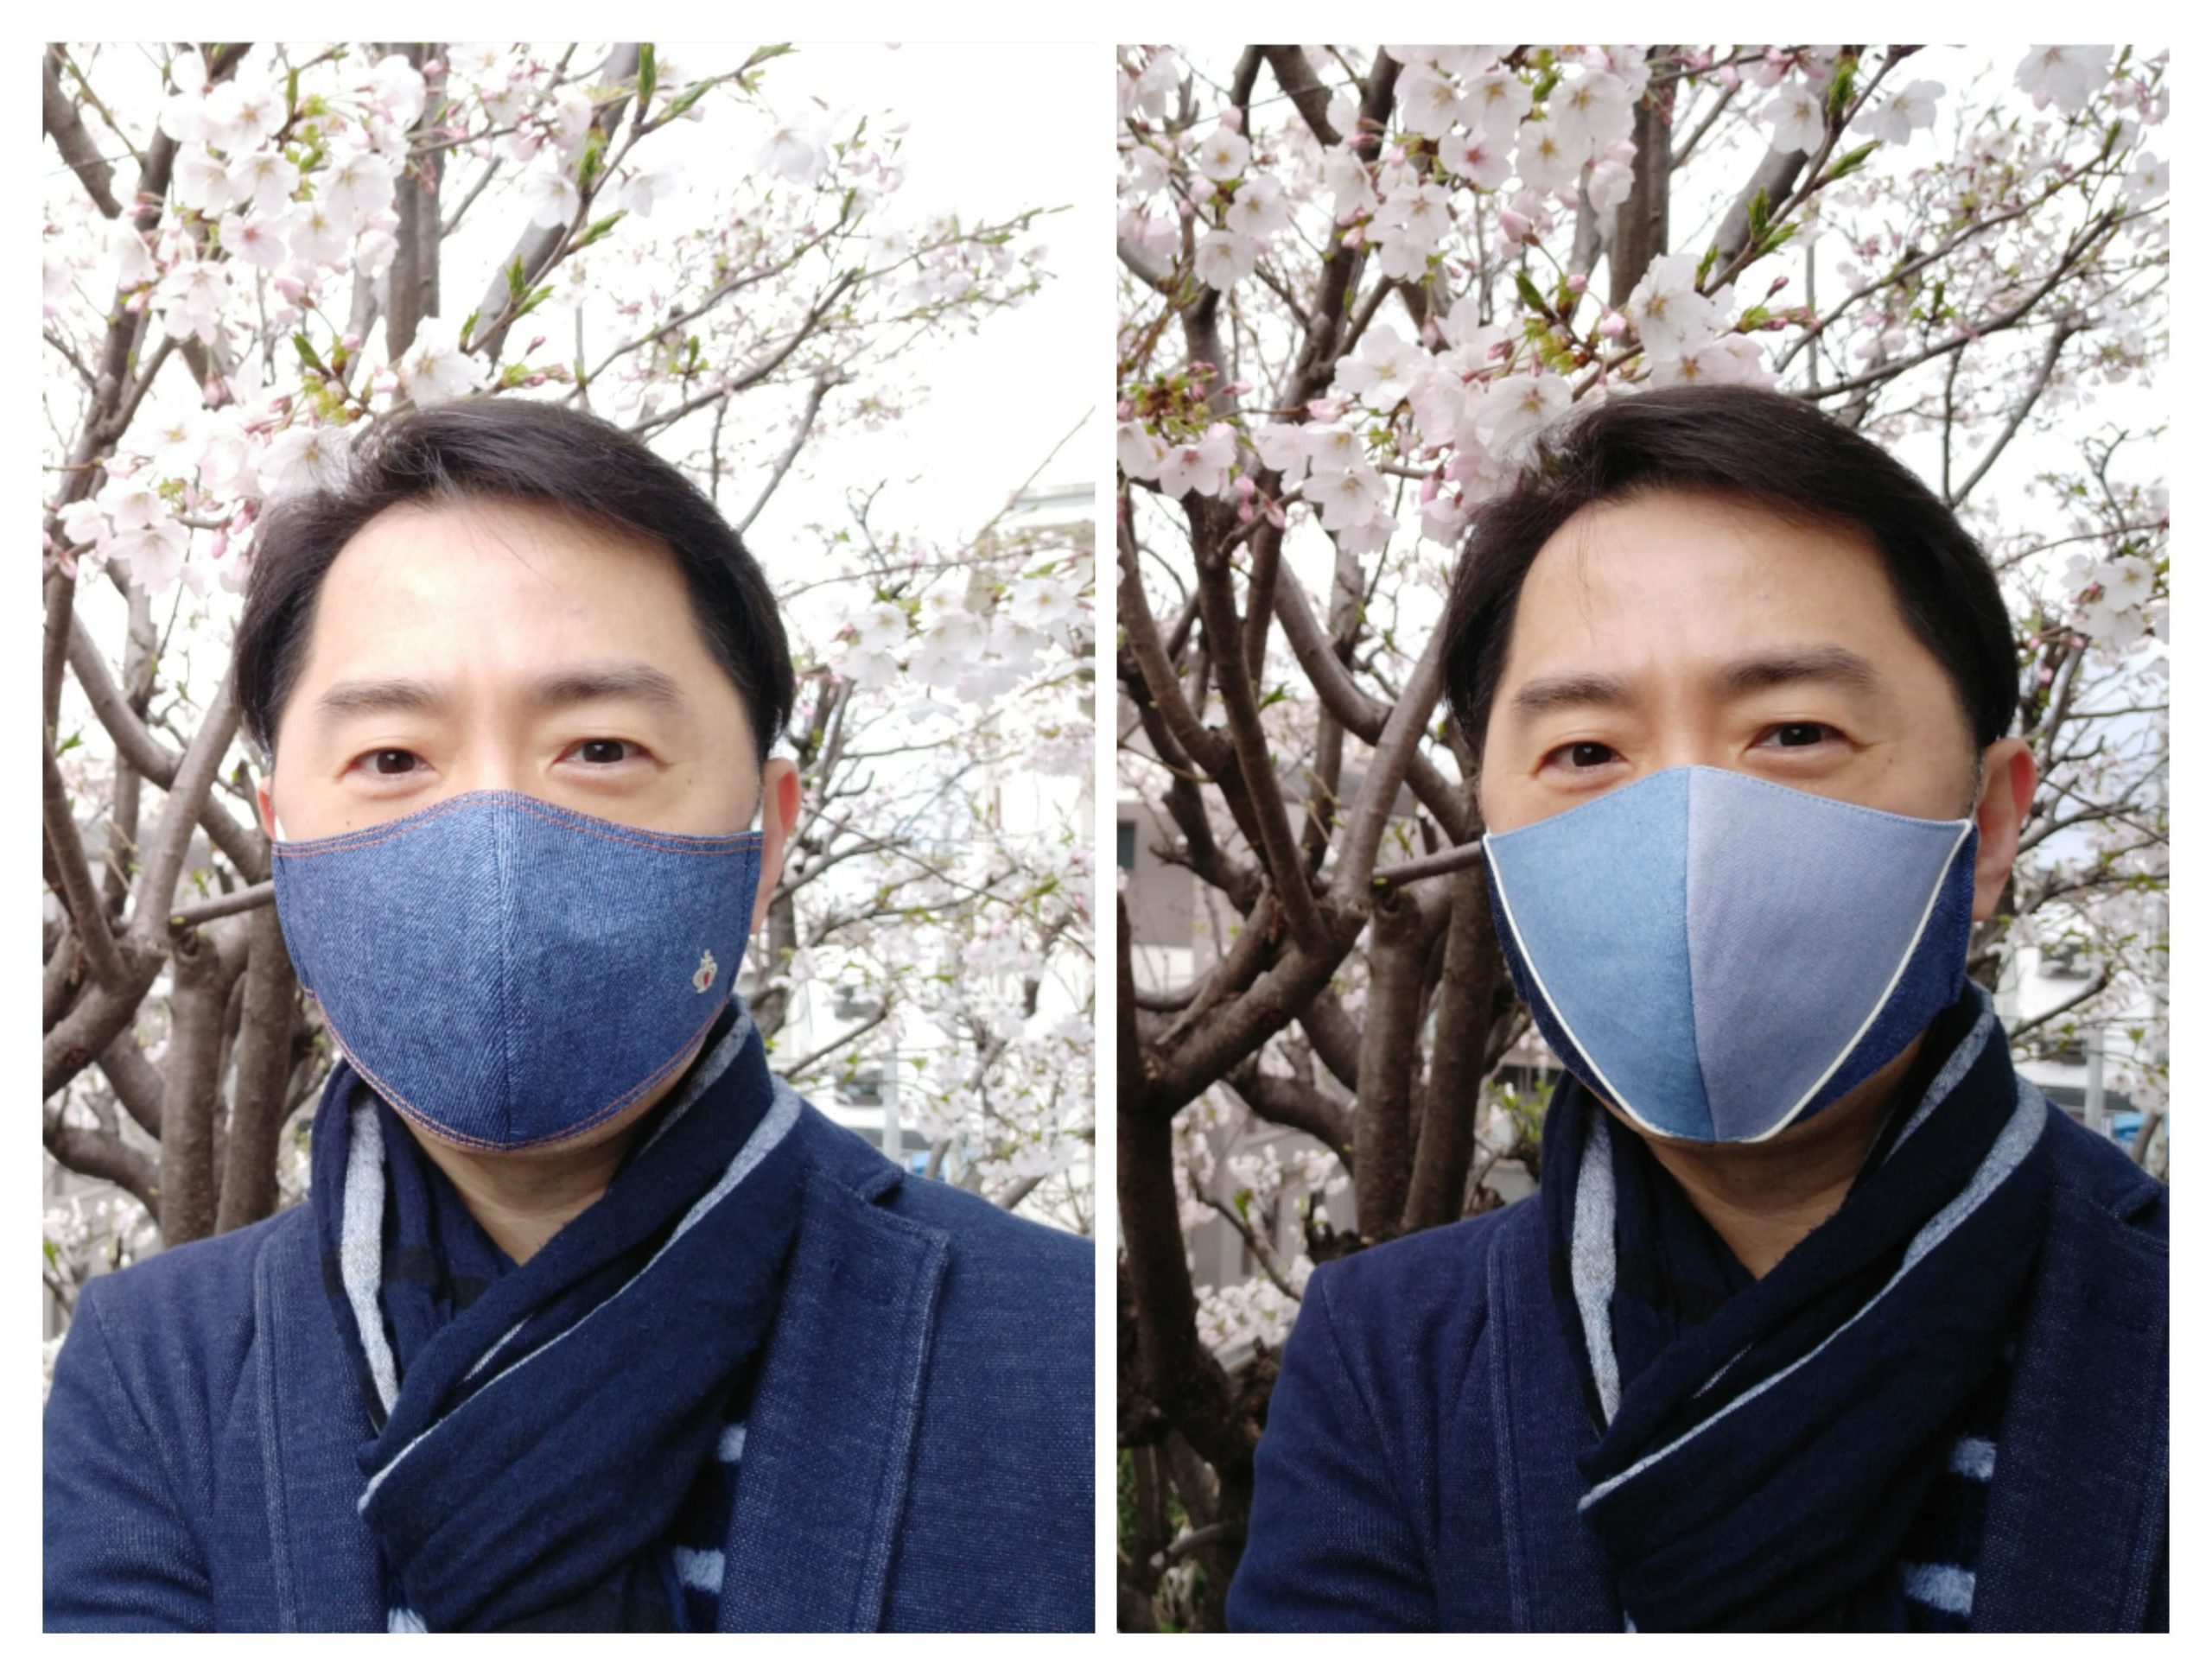 日本連線|口罩時尚正夯,修臉口罩、小顏口罩、口罩髮飾……玩出口罩新高度